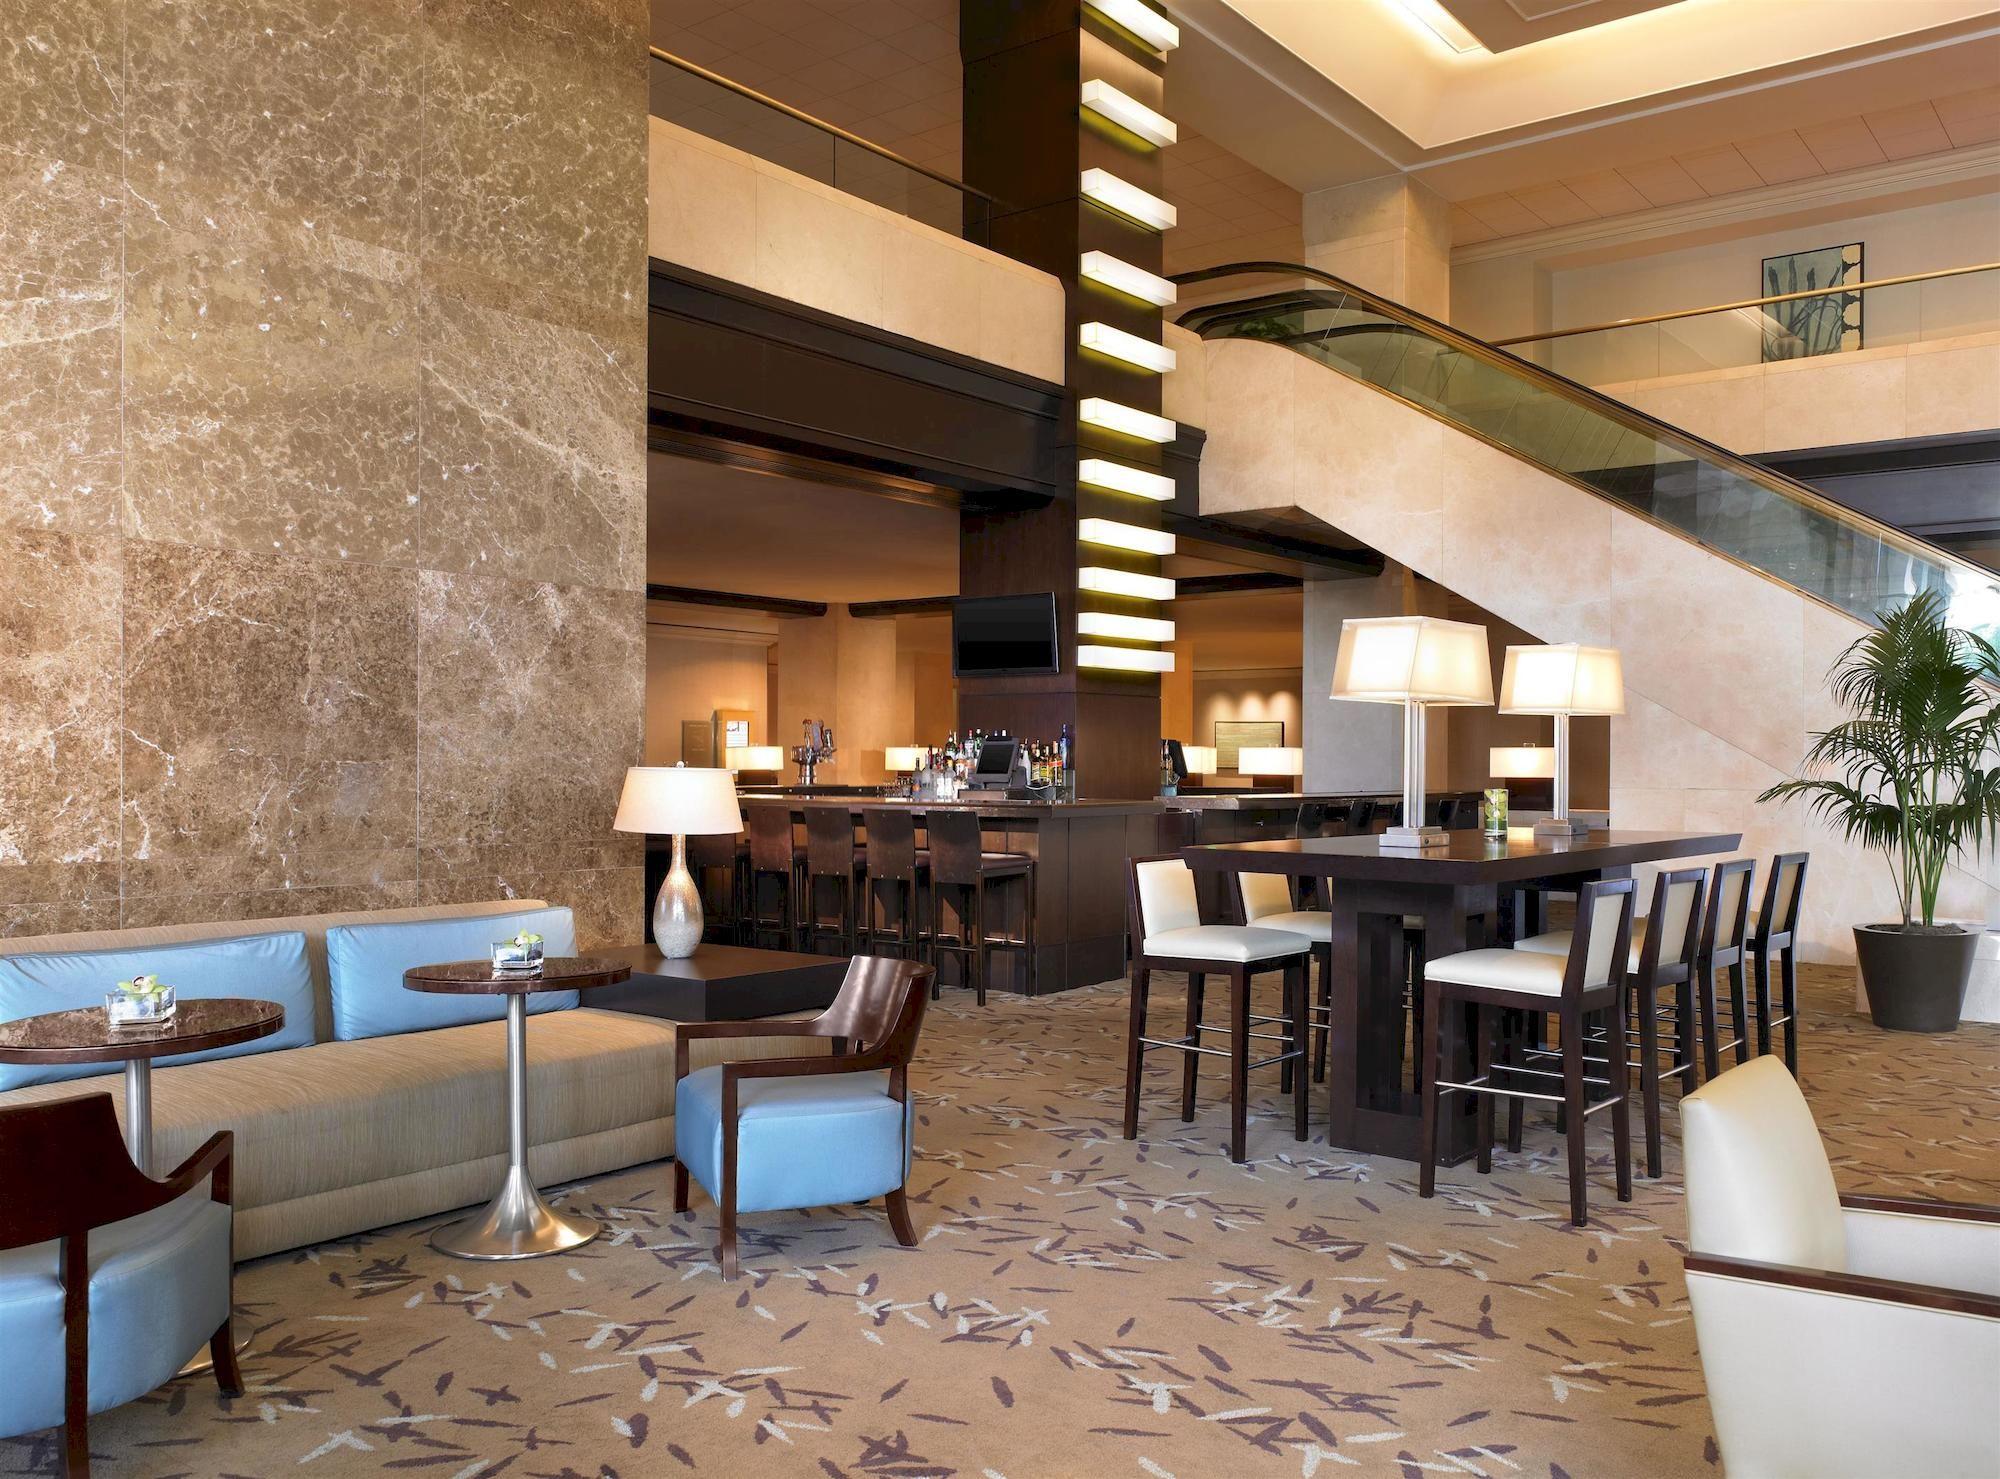 Clarion Hotel In Los Angeles Ca